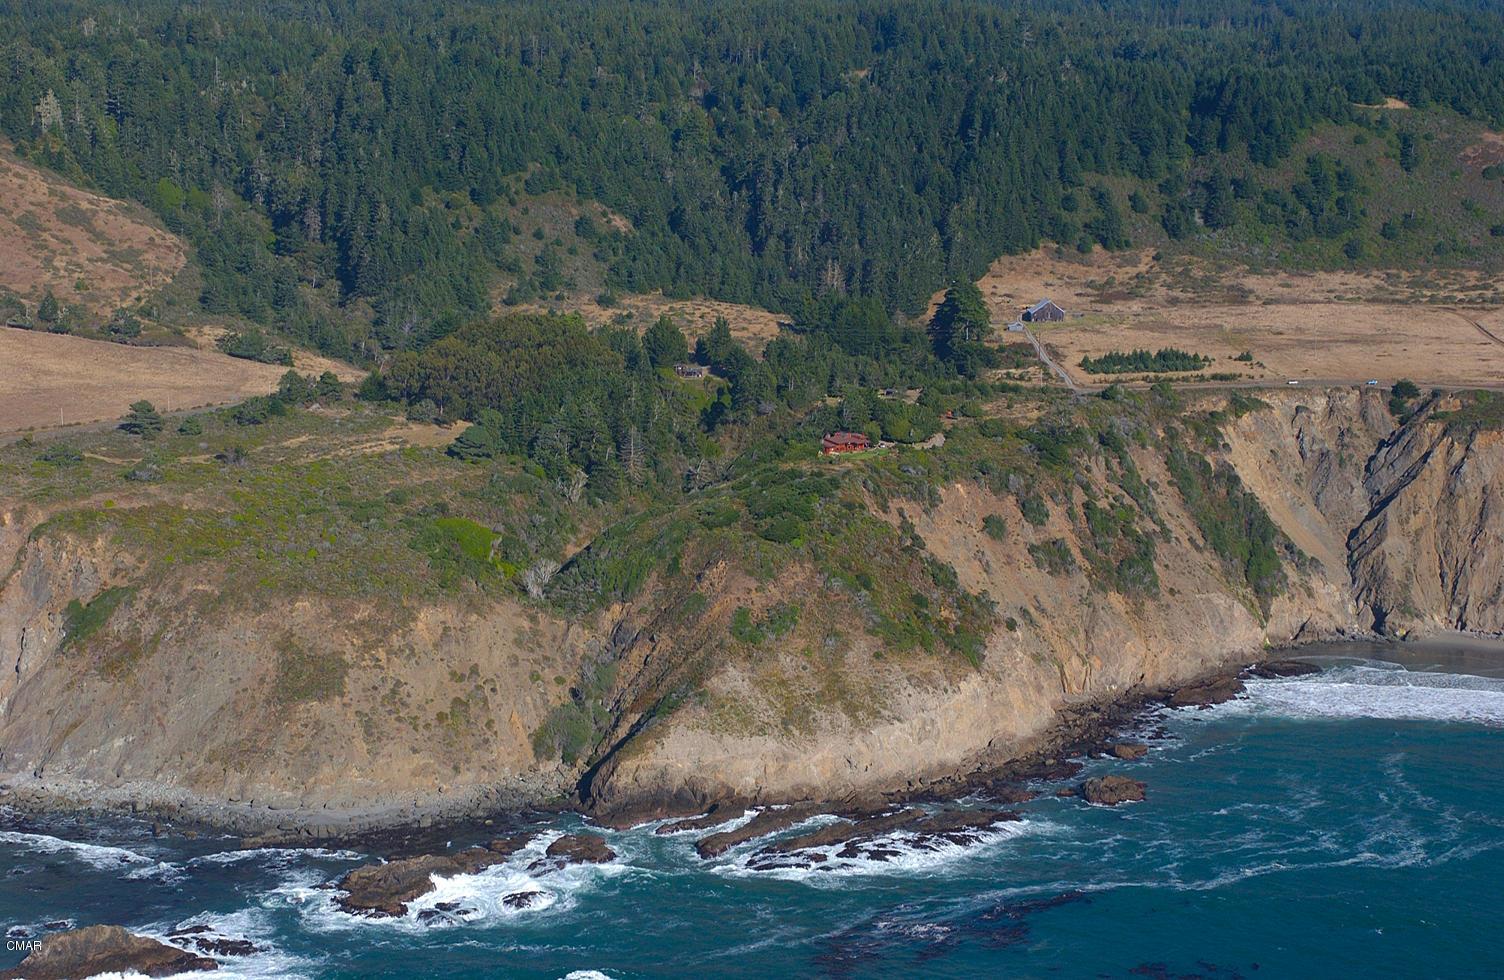 Casa Unifamiliar por un Venta en 3300 Ca-1 3300 Ca-1 Elk, California 95432 Estados Unidos